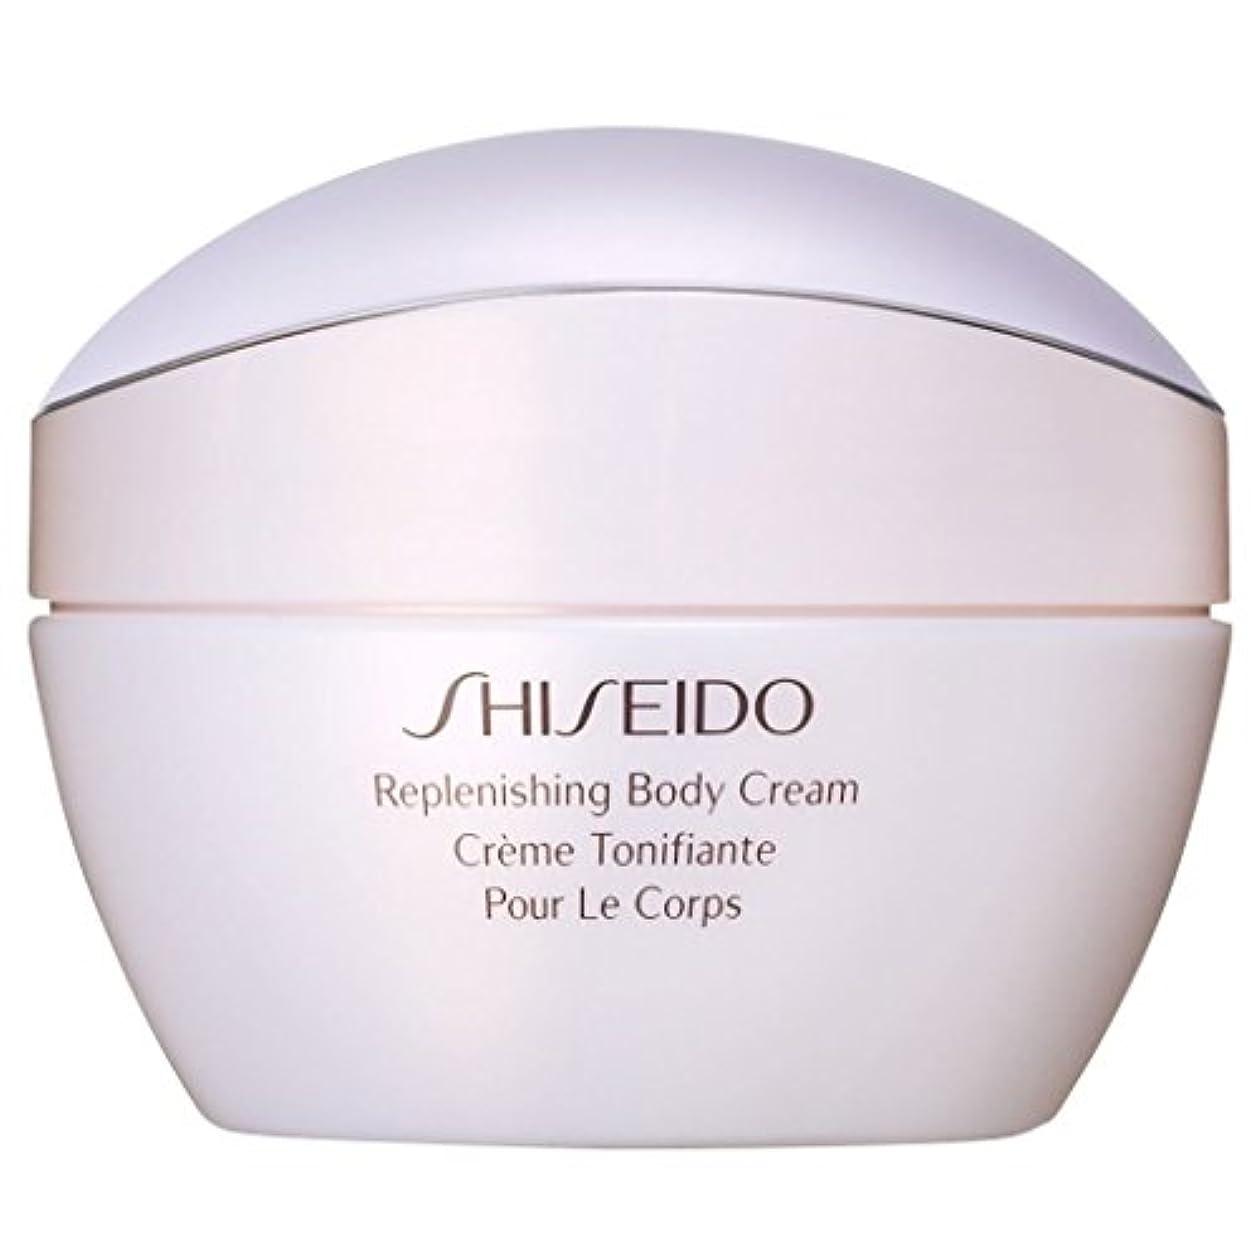 コインボーダー文句を言う[Shiseido] 資生堂補充ボディクリーム200ミリリットル - Shiseido Replenishing Body Cream 200ml [並行輸入品]